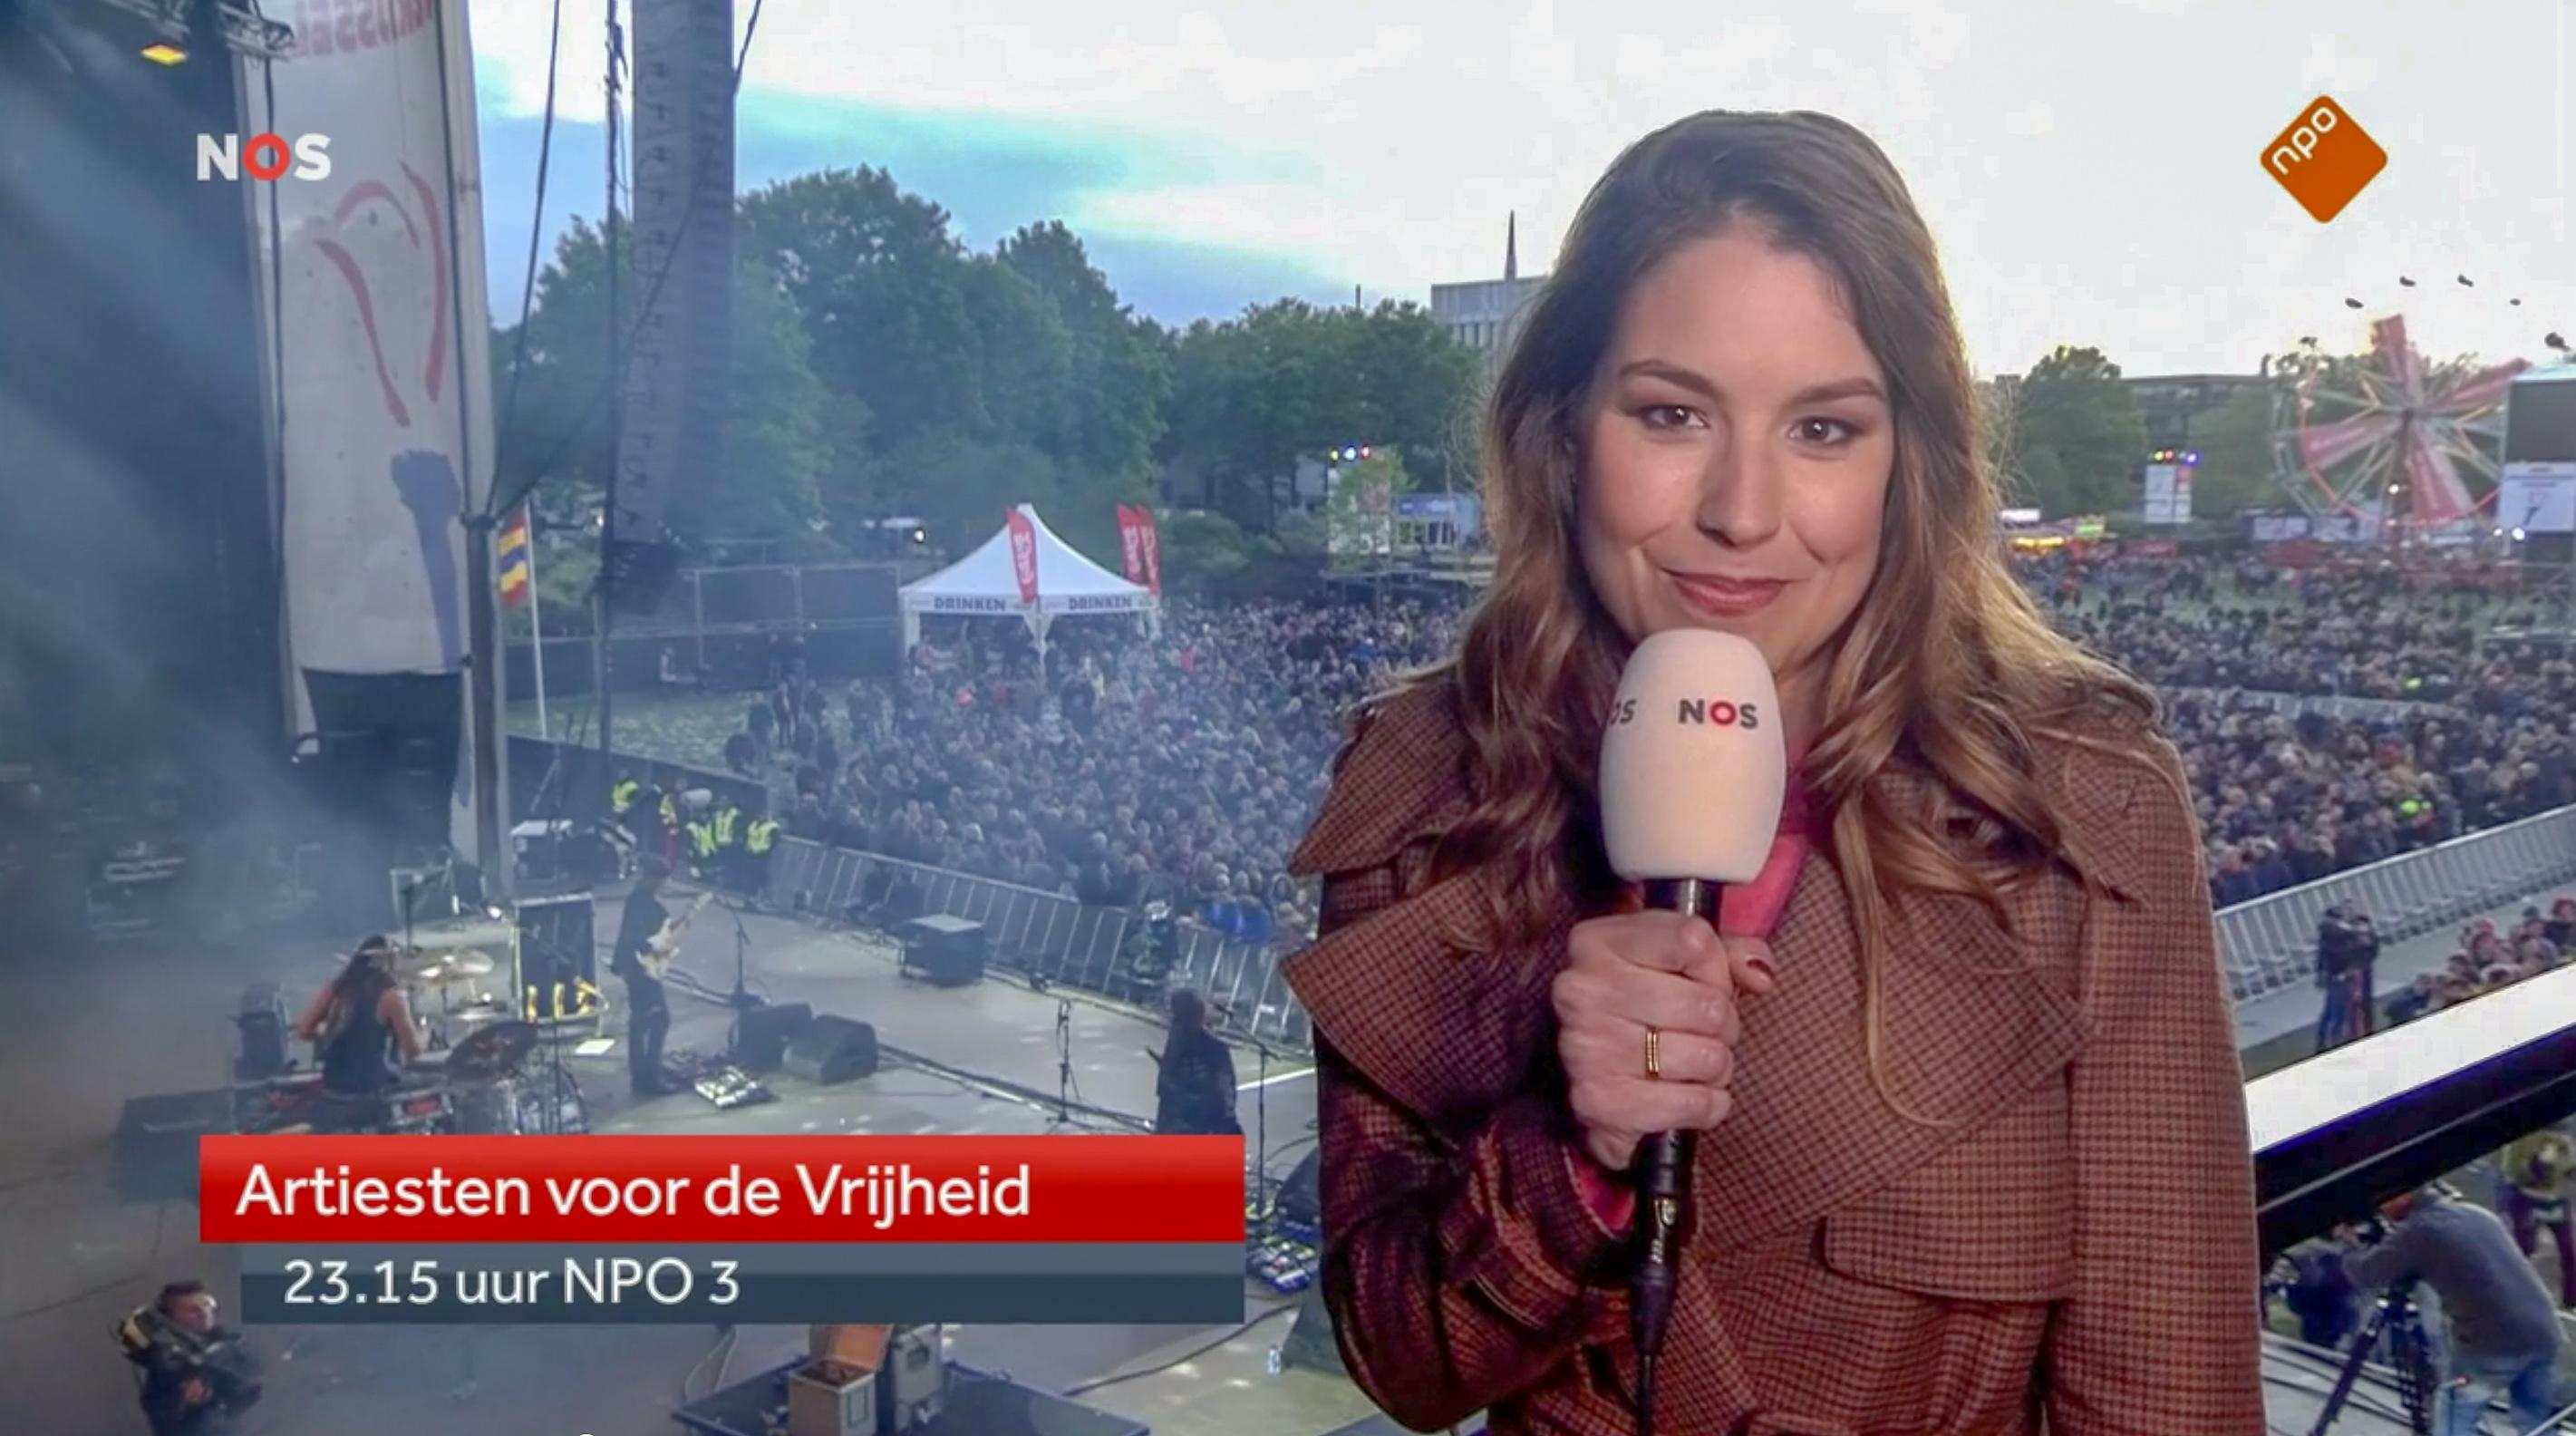 Amber Brantsen Artiesten voor de Vrijheid NPO 3 standupper vanaf het balkon boven het podium in Zwolle